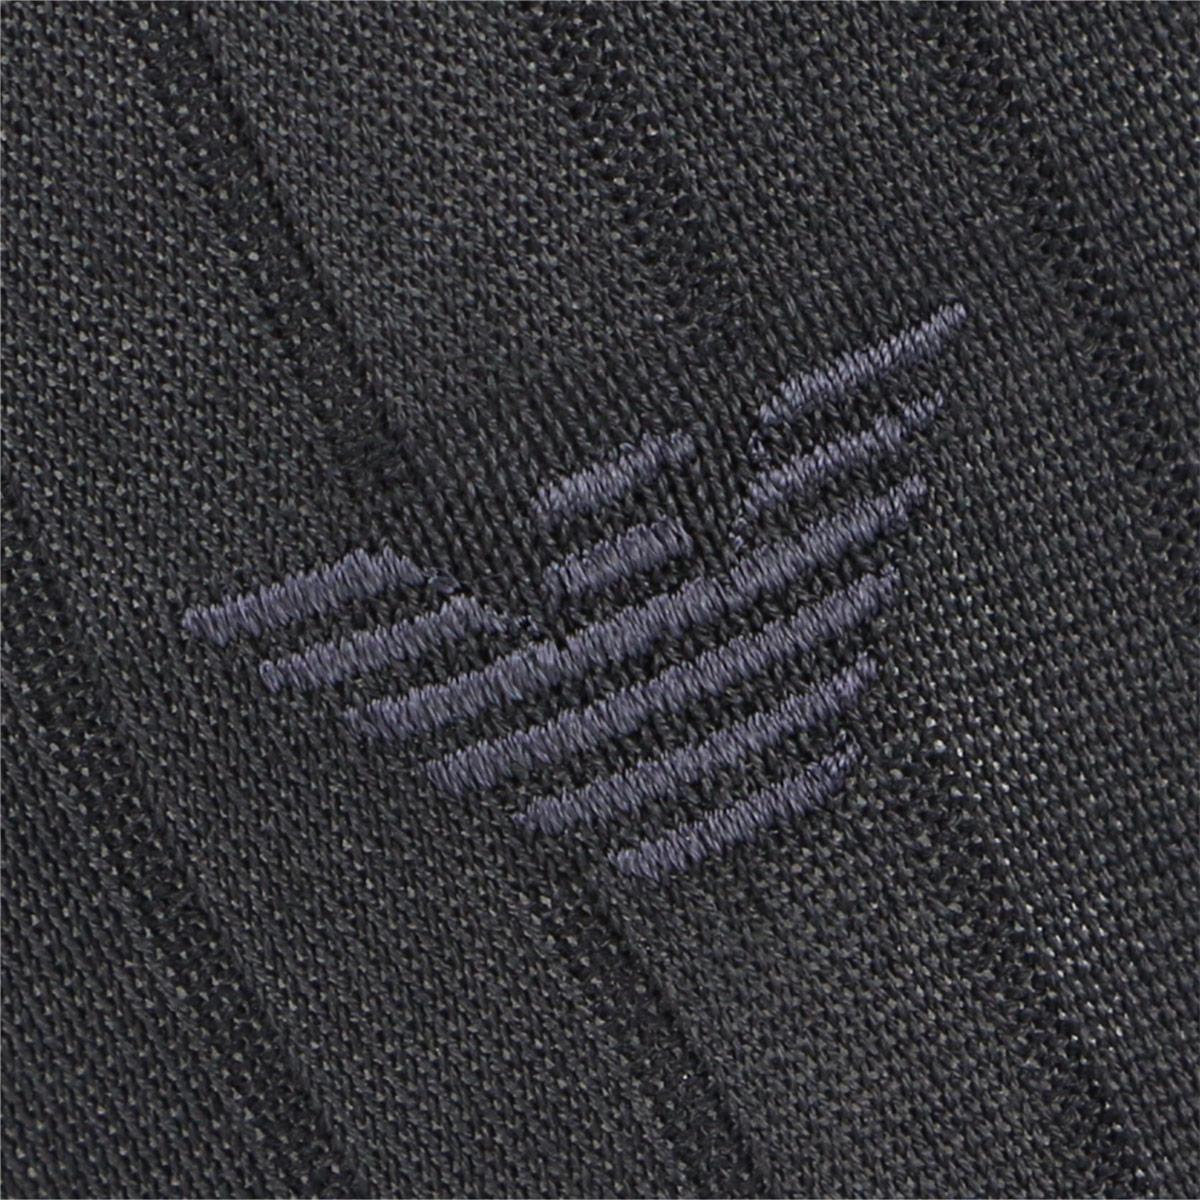 EMPORIO ARMANI ( エンポリオ アルマーニ ) 抗菌防臭 メンズ ビジネス ソックス 靴下 Dress リブ クルー丈 ソックス 2312-410 【ゆうパケット・4点まで】